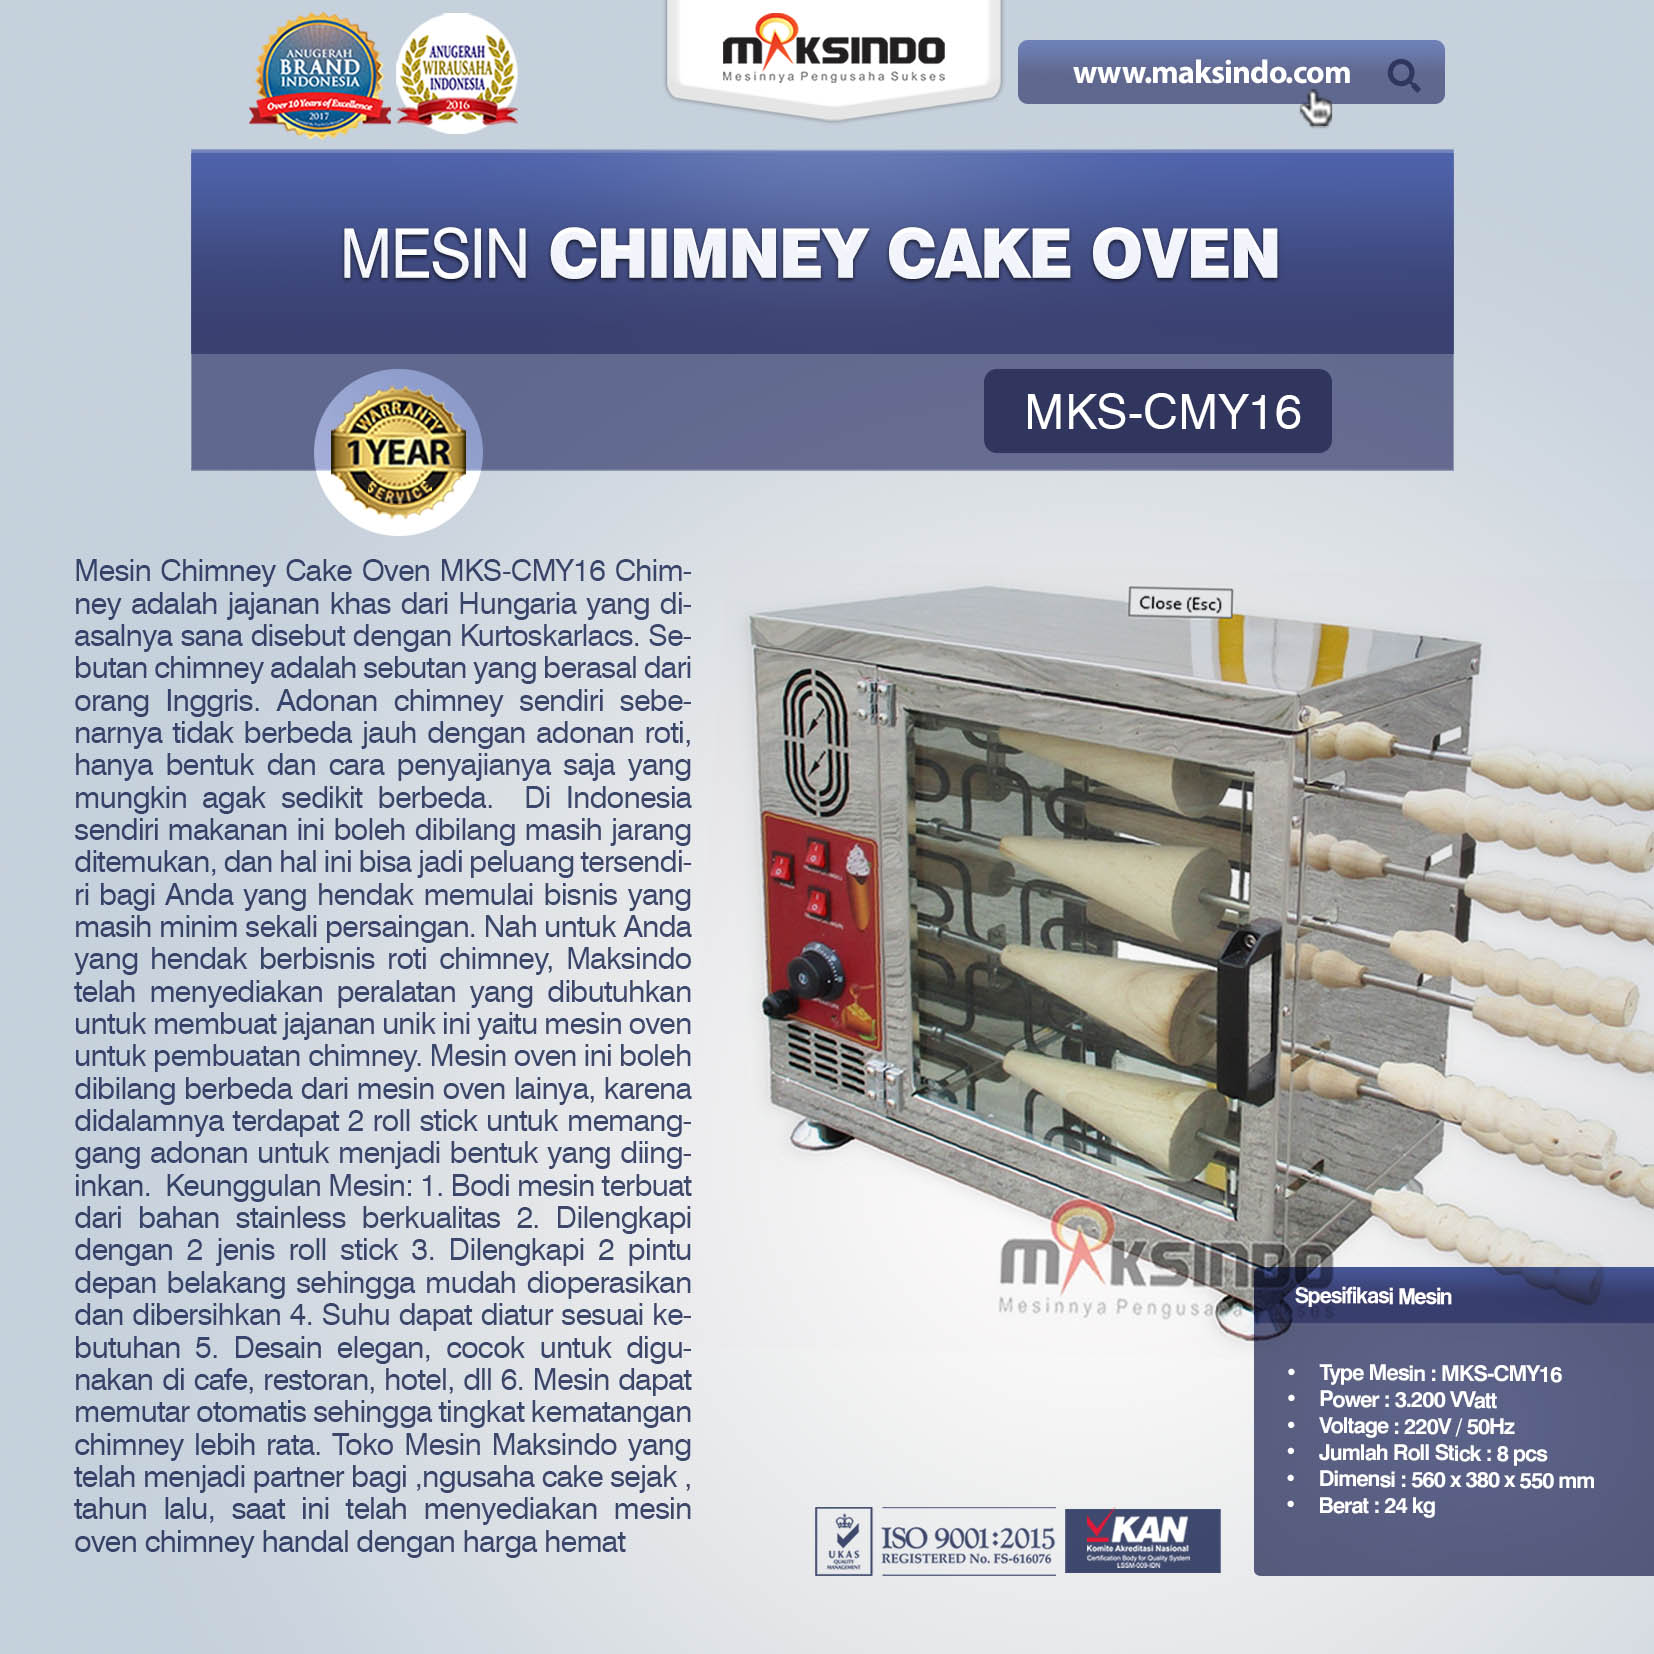 Jual Mesin Chimney Cake Oven MKS-CMY16 di Tangerang